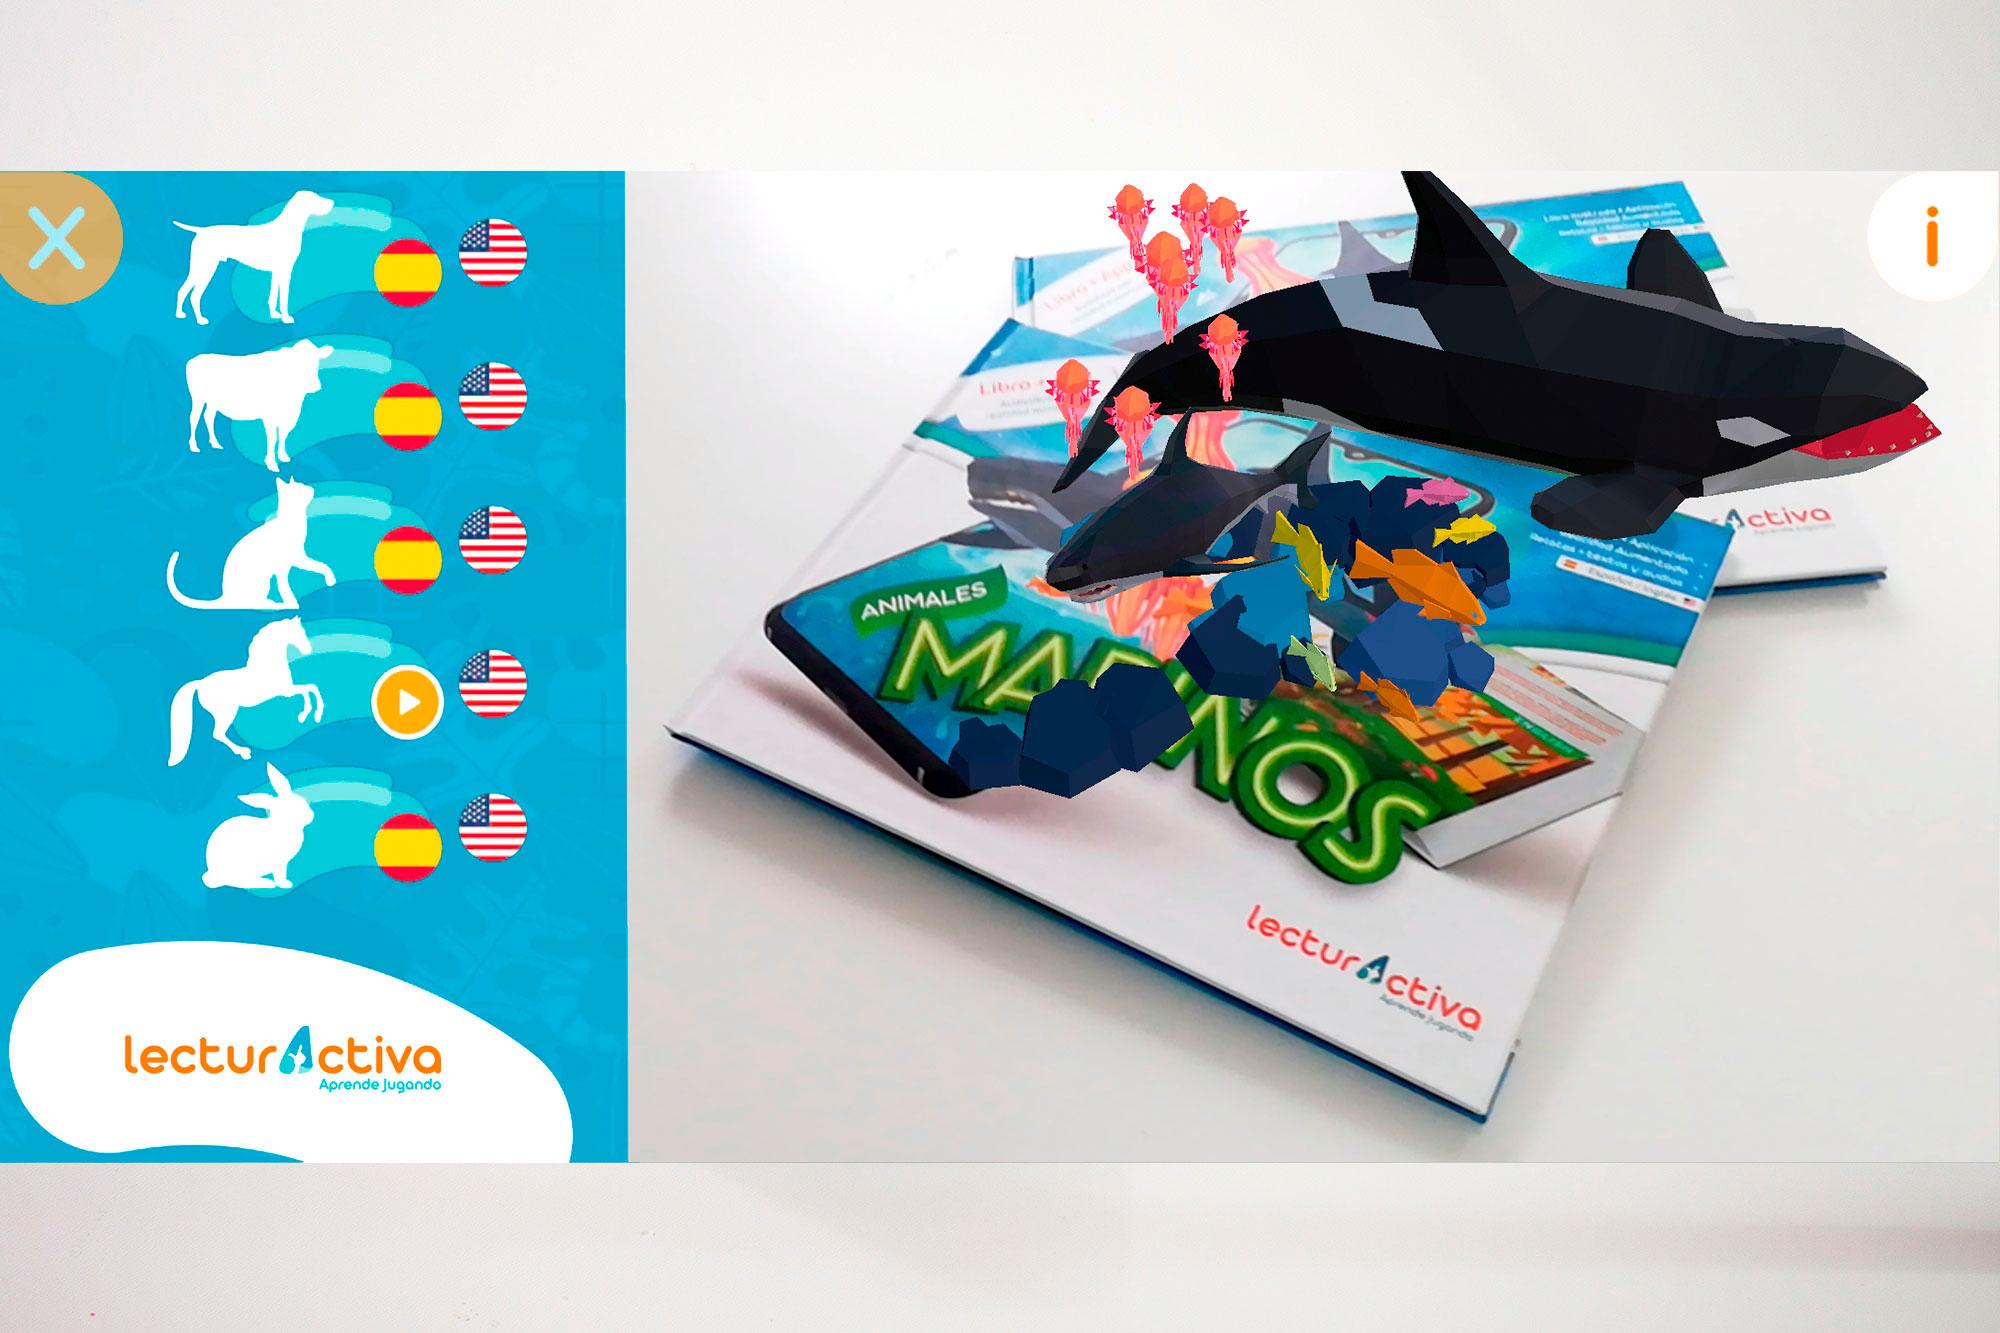 libros interactivos bilingues para niños y jovenes 10